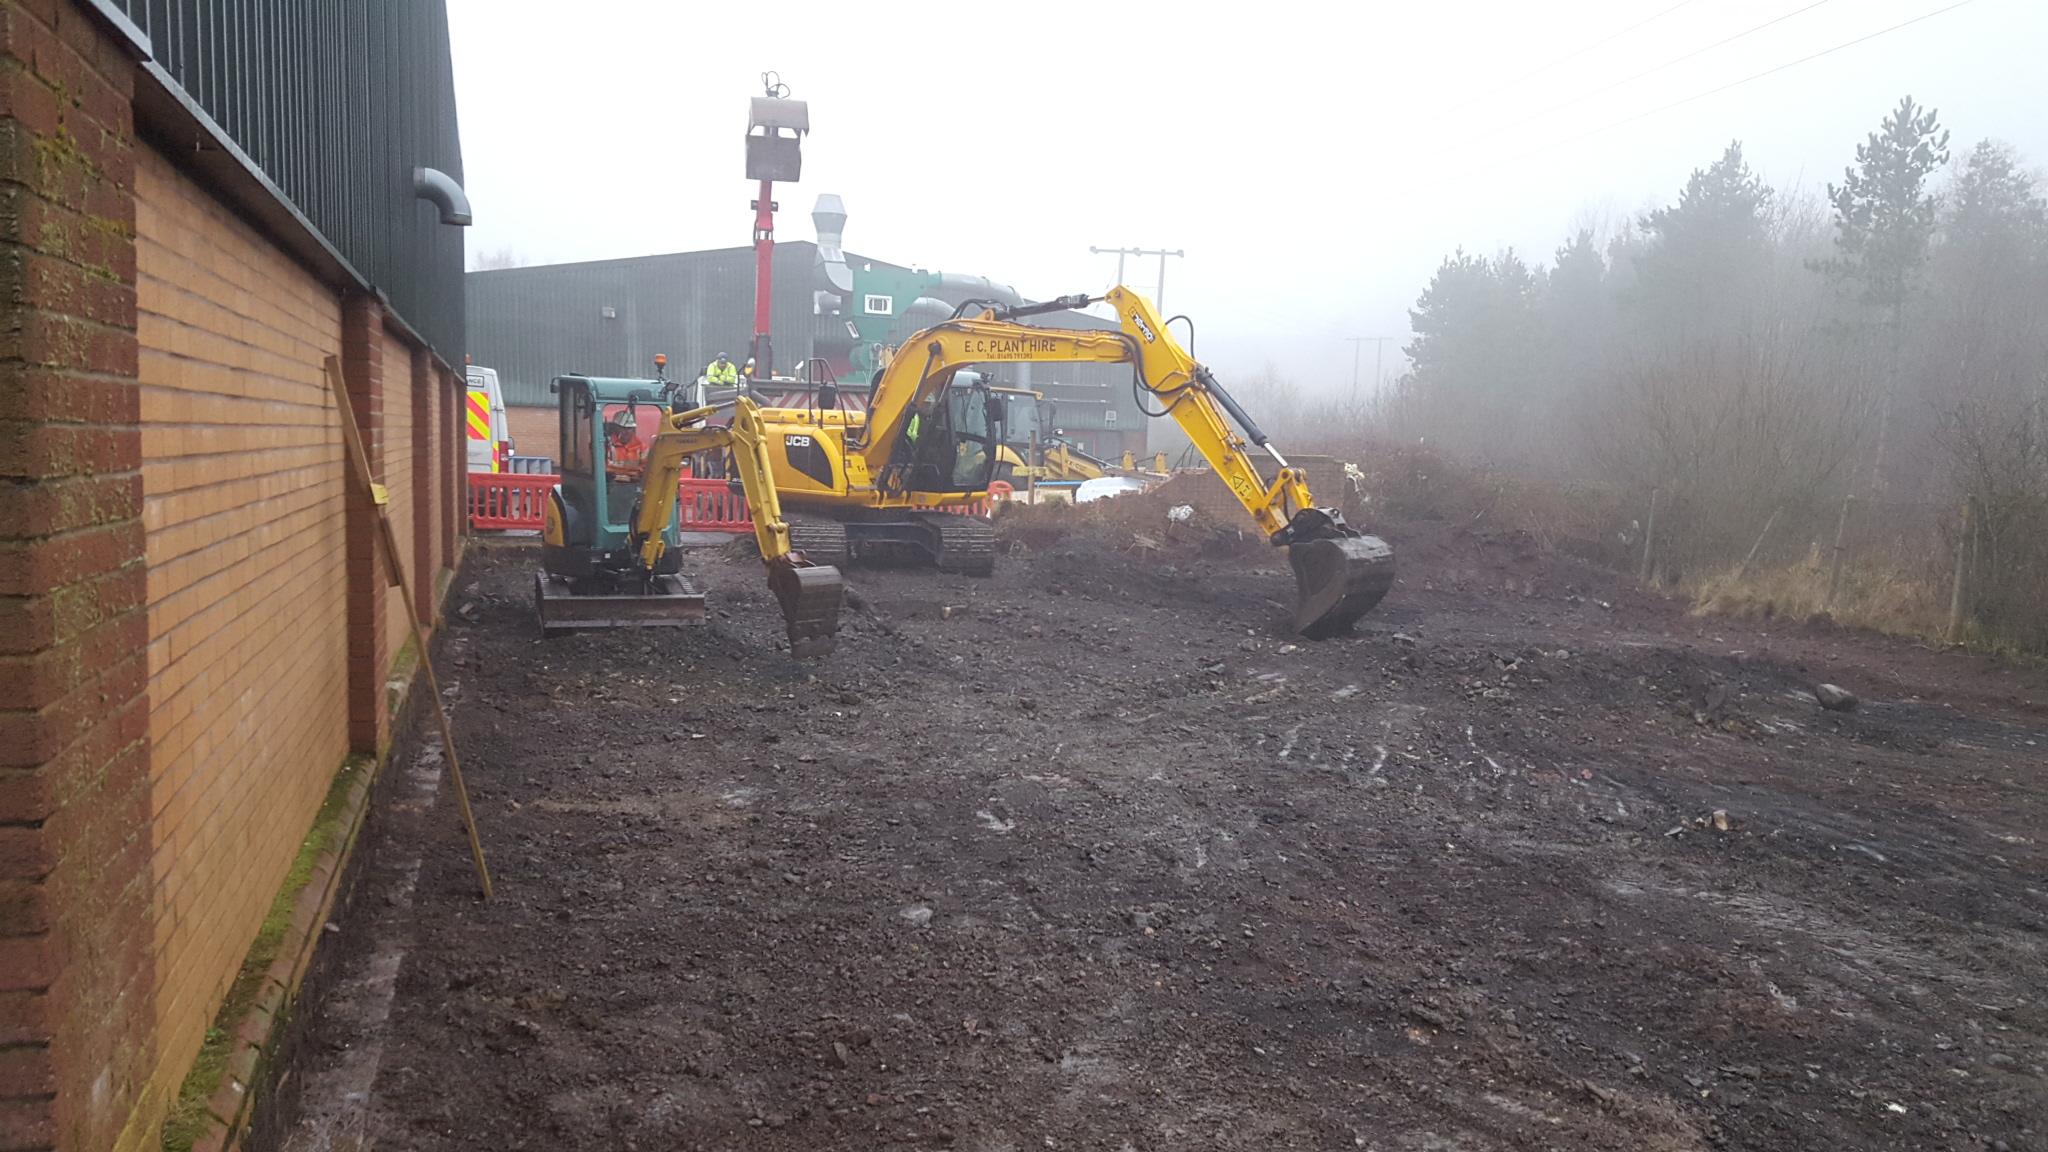 Yard expansion at WTP